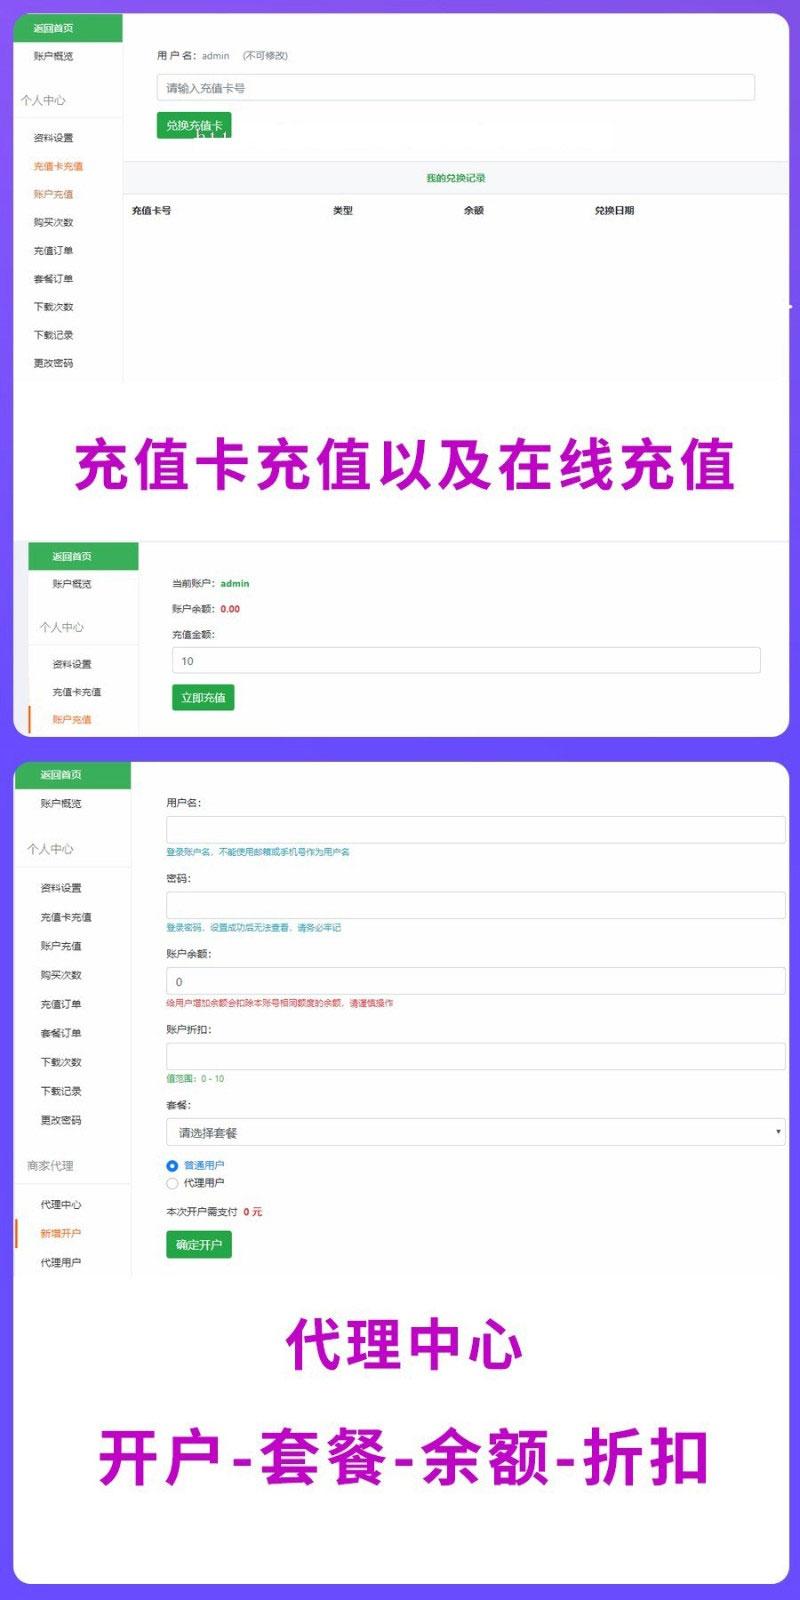 PHP素材资源解析平台源码V8.0-it168资源网